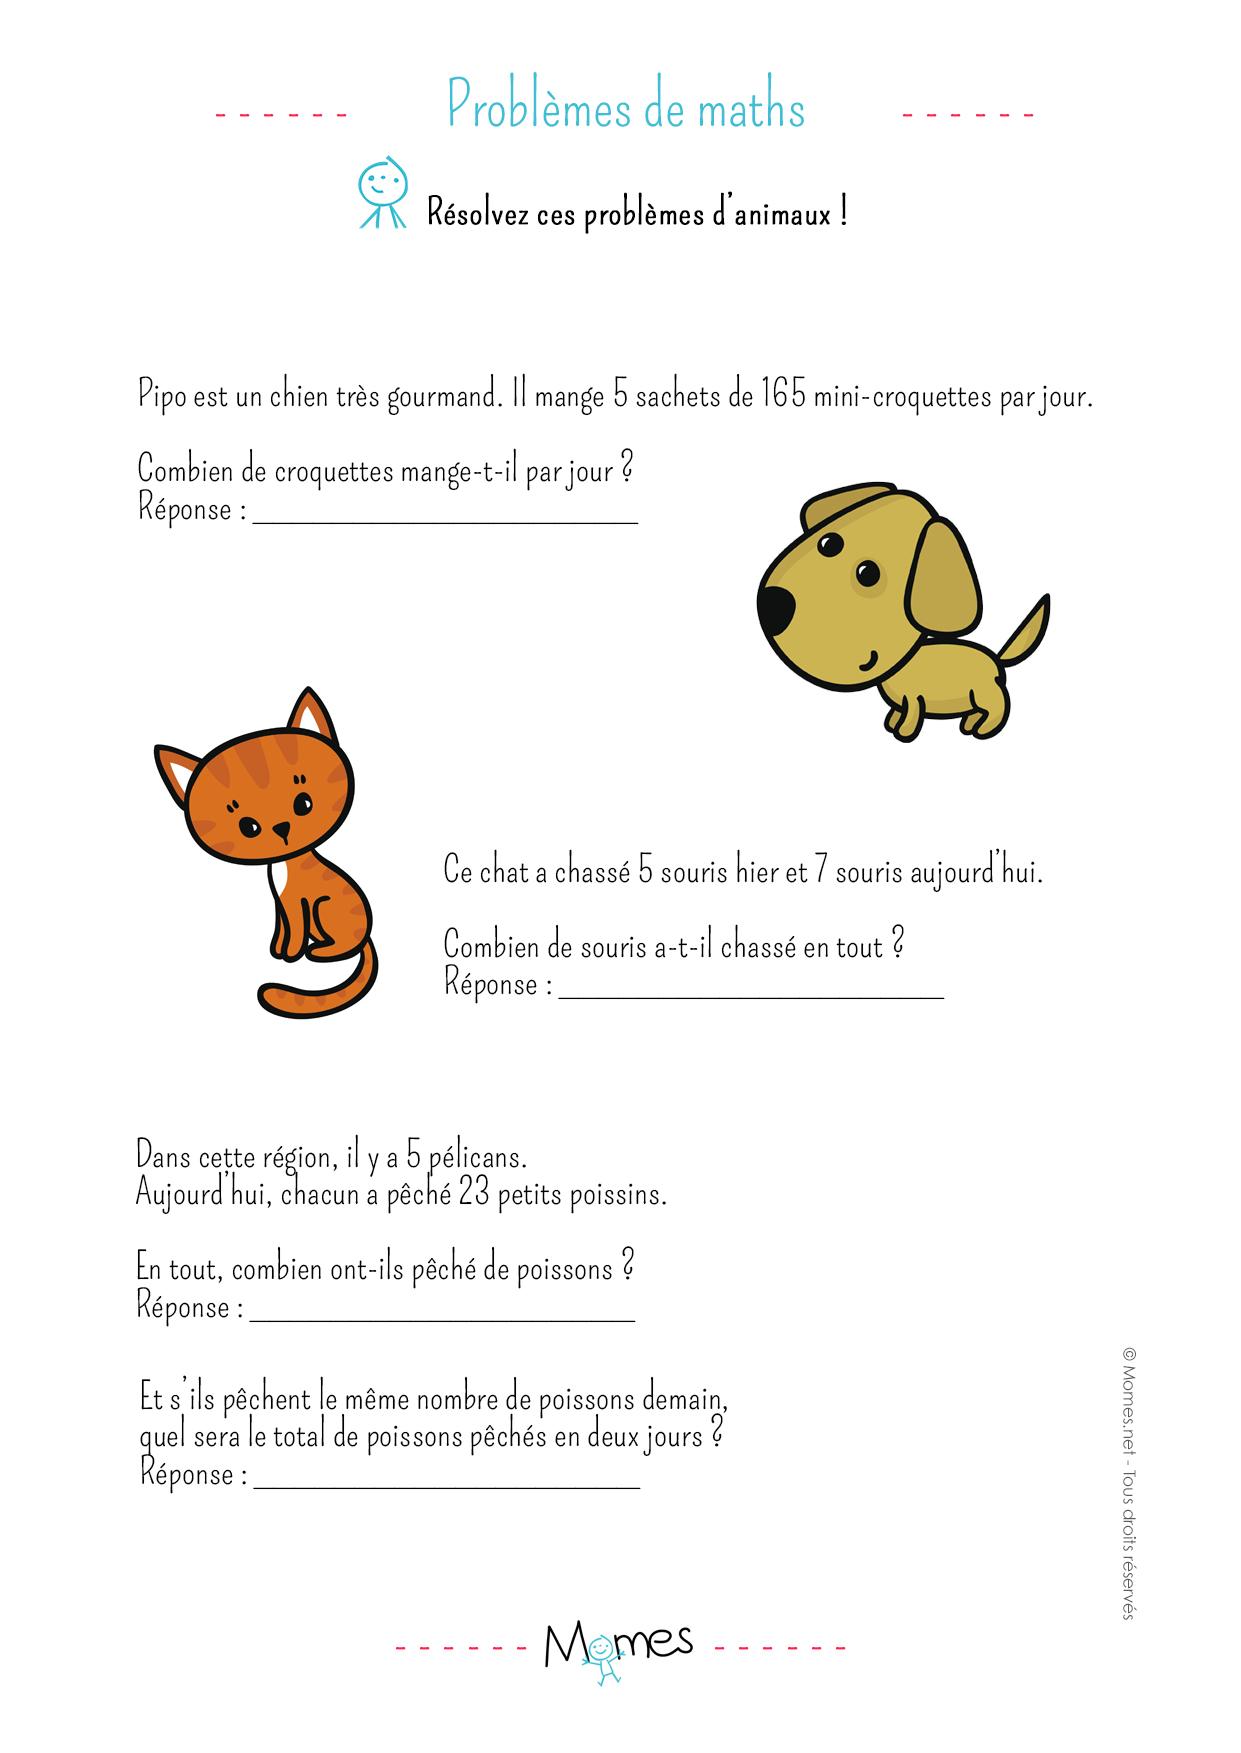 Problèmes des animaux: exercice